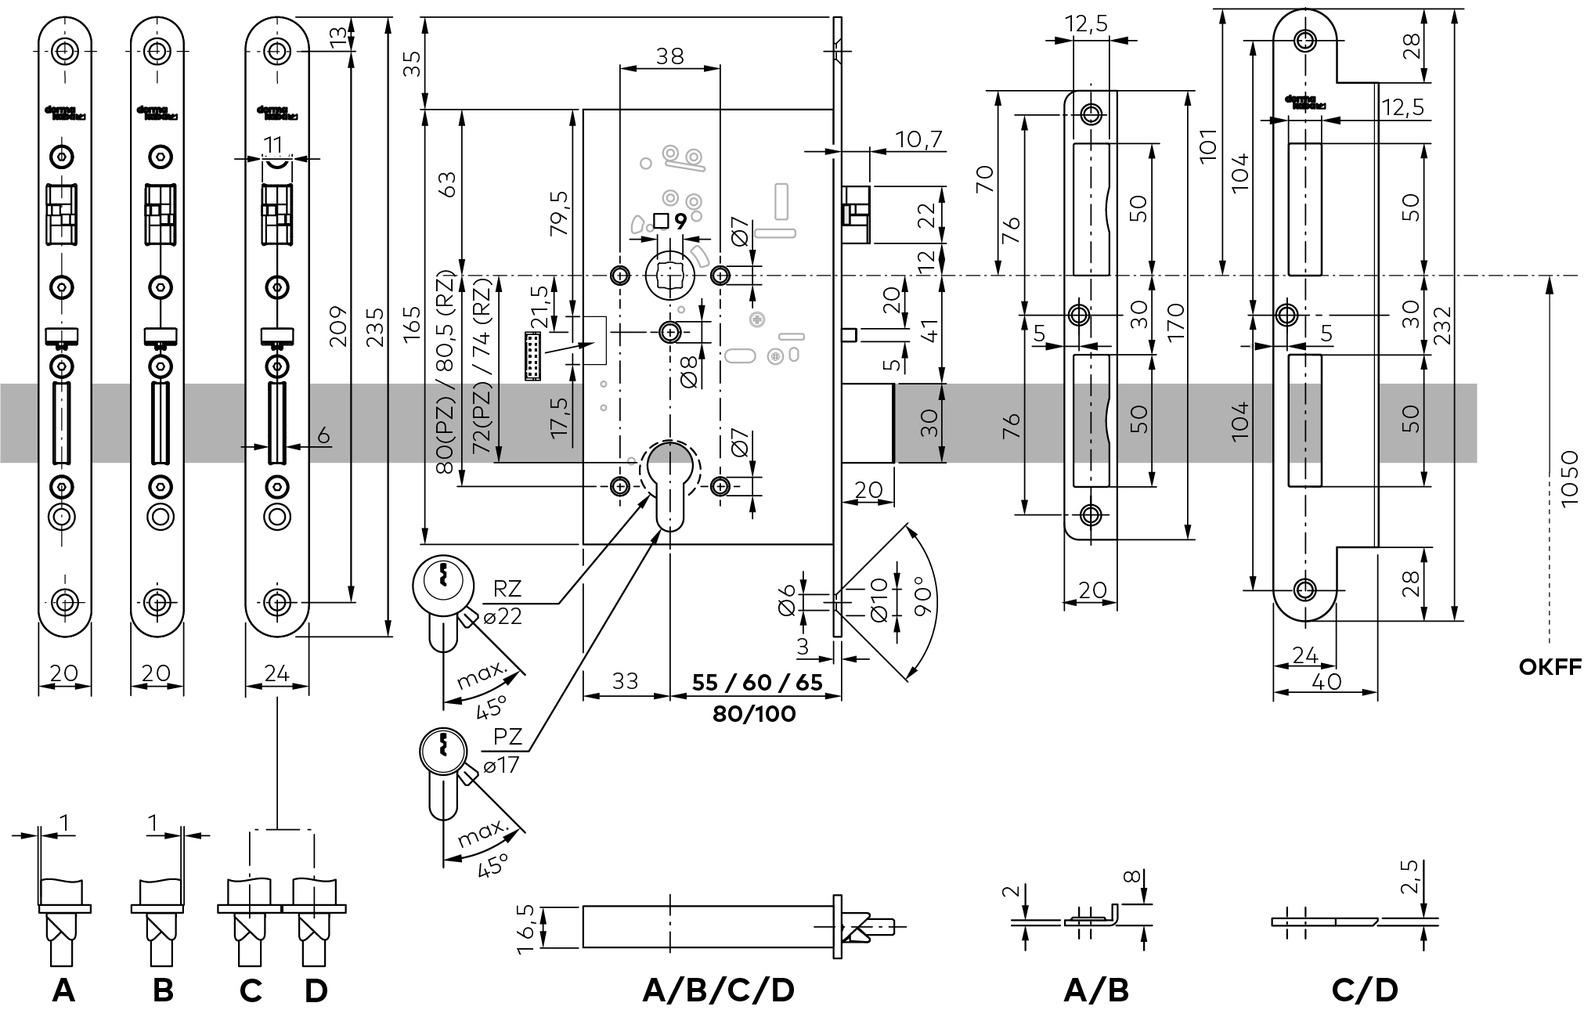 Serrures anti-panique motorisée à verrouillage automatique dormakabaSVP 2000 DCW